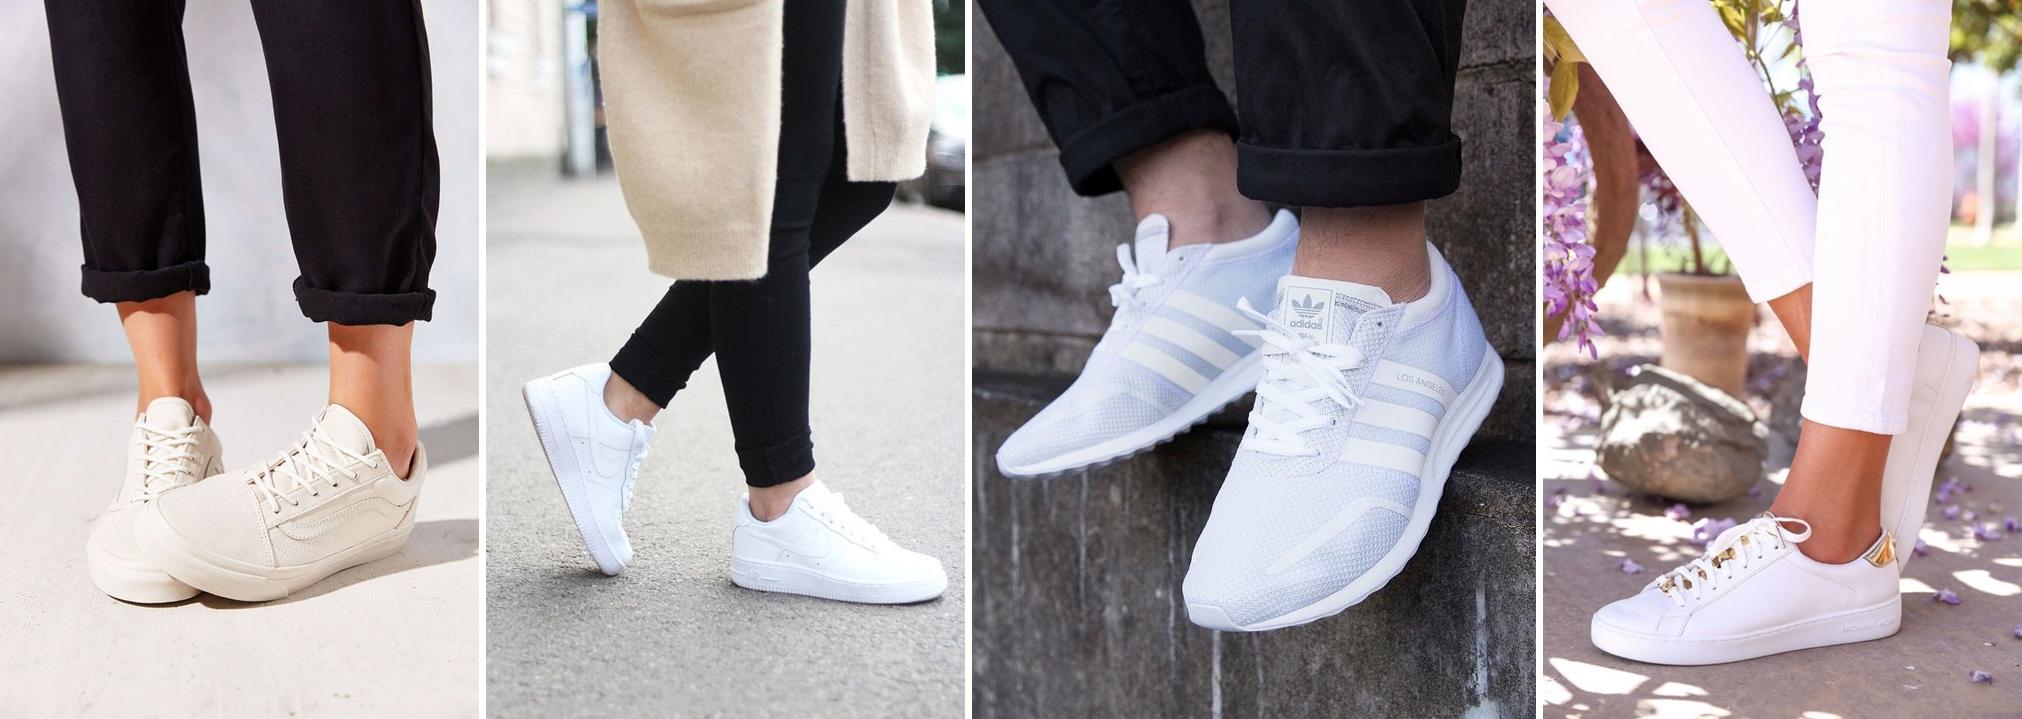 onde comprar tênis branco - Onde Comprar: Tênis Branco por Menos de R$100